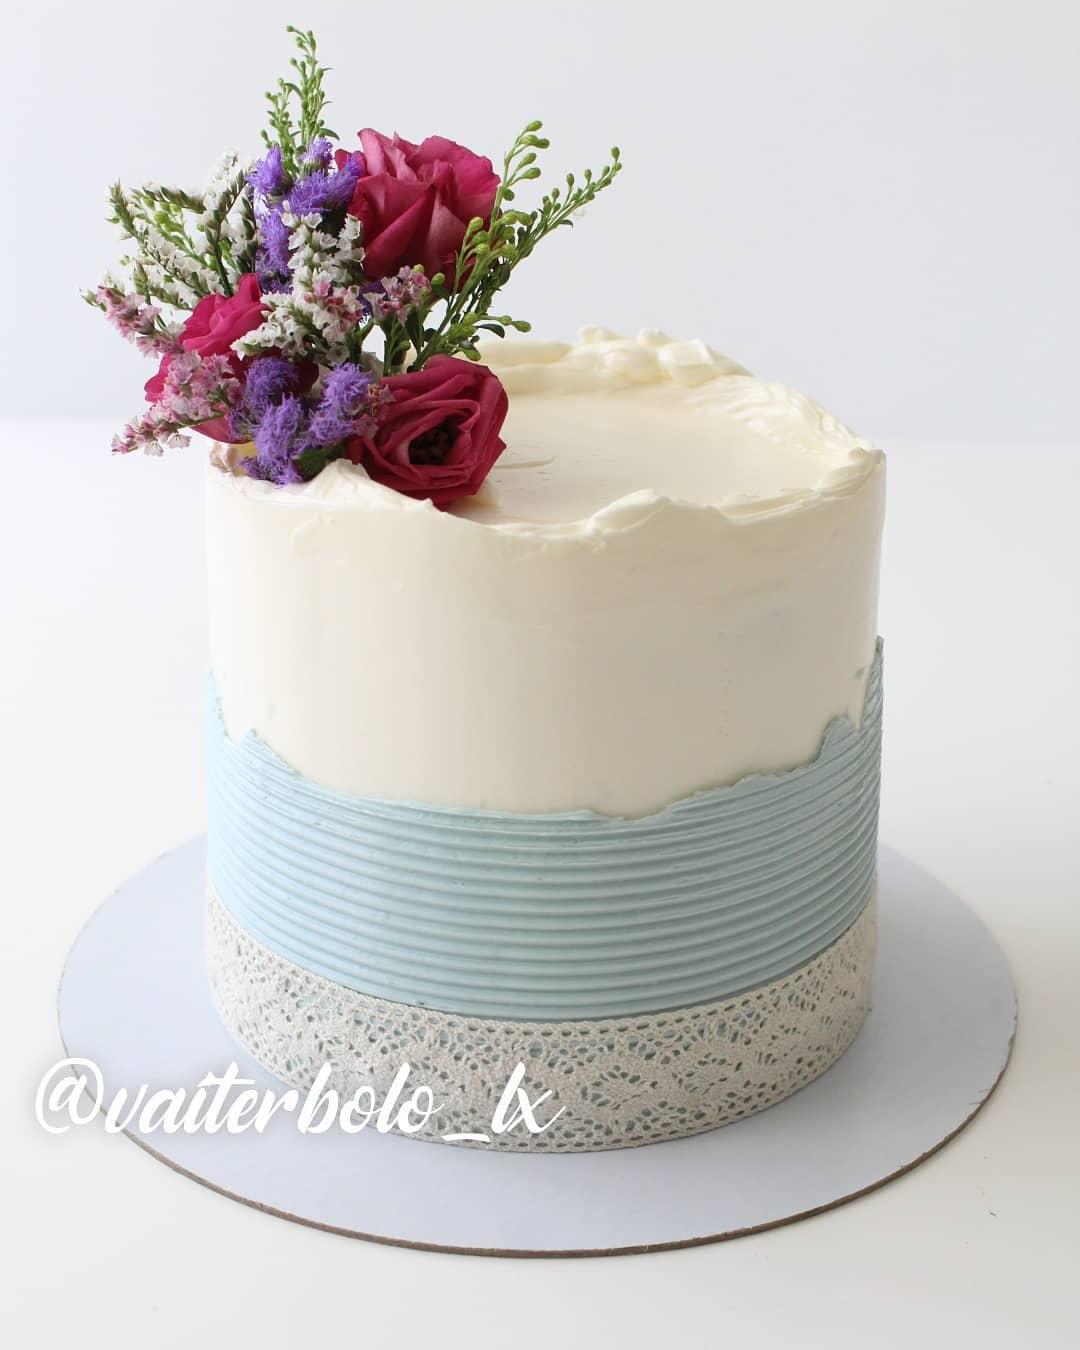 E lá vem mais delicadeza para vocês, porque a produção por aqui não para e eu sinto um orgulho danado desses filhos lindos que vão fazer parte de momentos maravilhosos com vocês. Fala se esse não está SUPER FOFO!? 🥰..#vaiterbolohoje #almada #bolodecorado #buttercreamcake #birthdaycake #vaiterbolo #vaiterbolosim #bolo #cake #lisboapontocome #cakeart #lisboafood #buttercream #cakedesign #lisboa #ilovelisboa #cakedecorating #vaiterbololindo